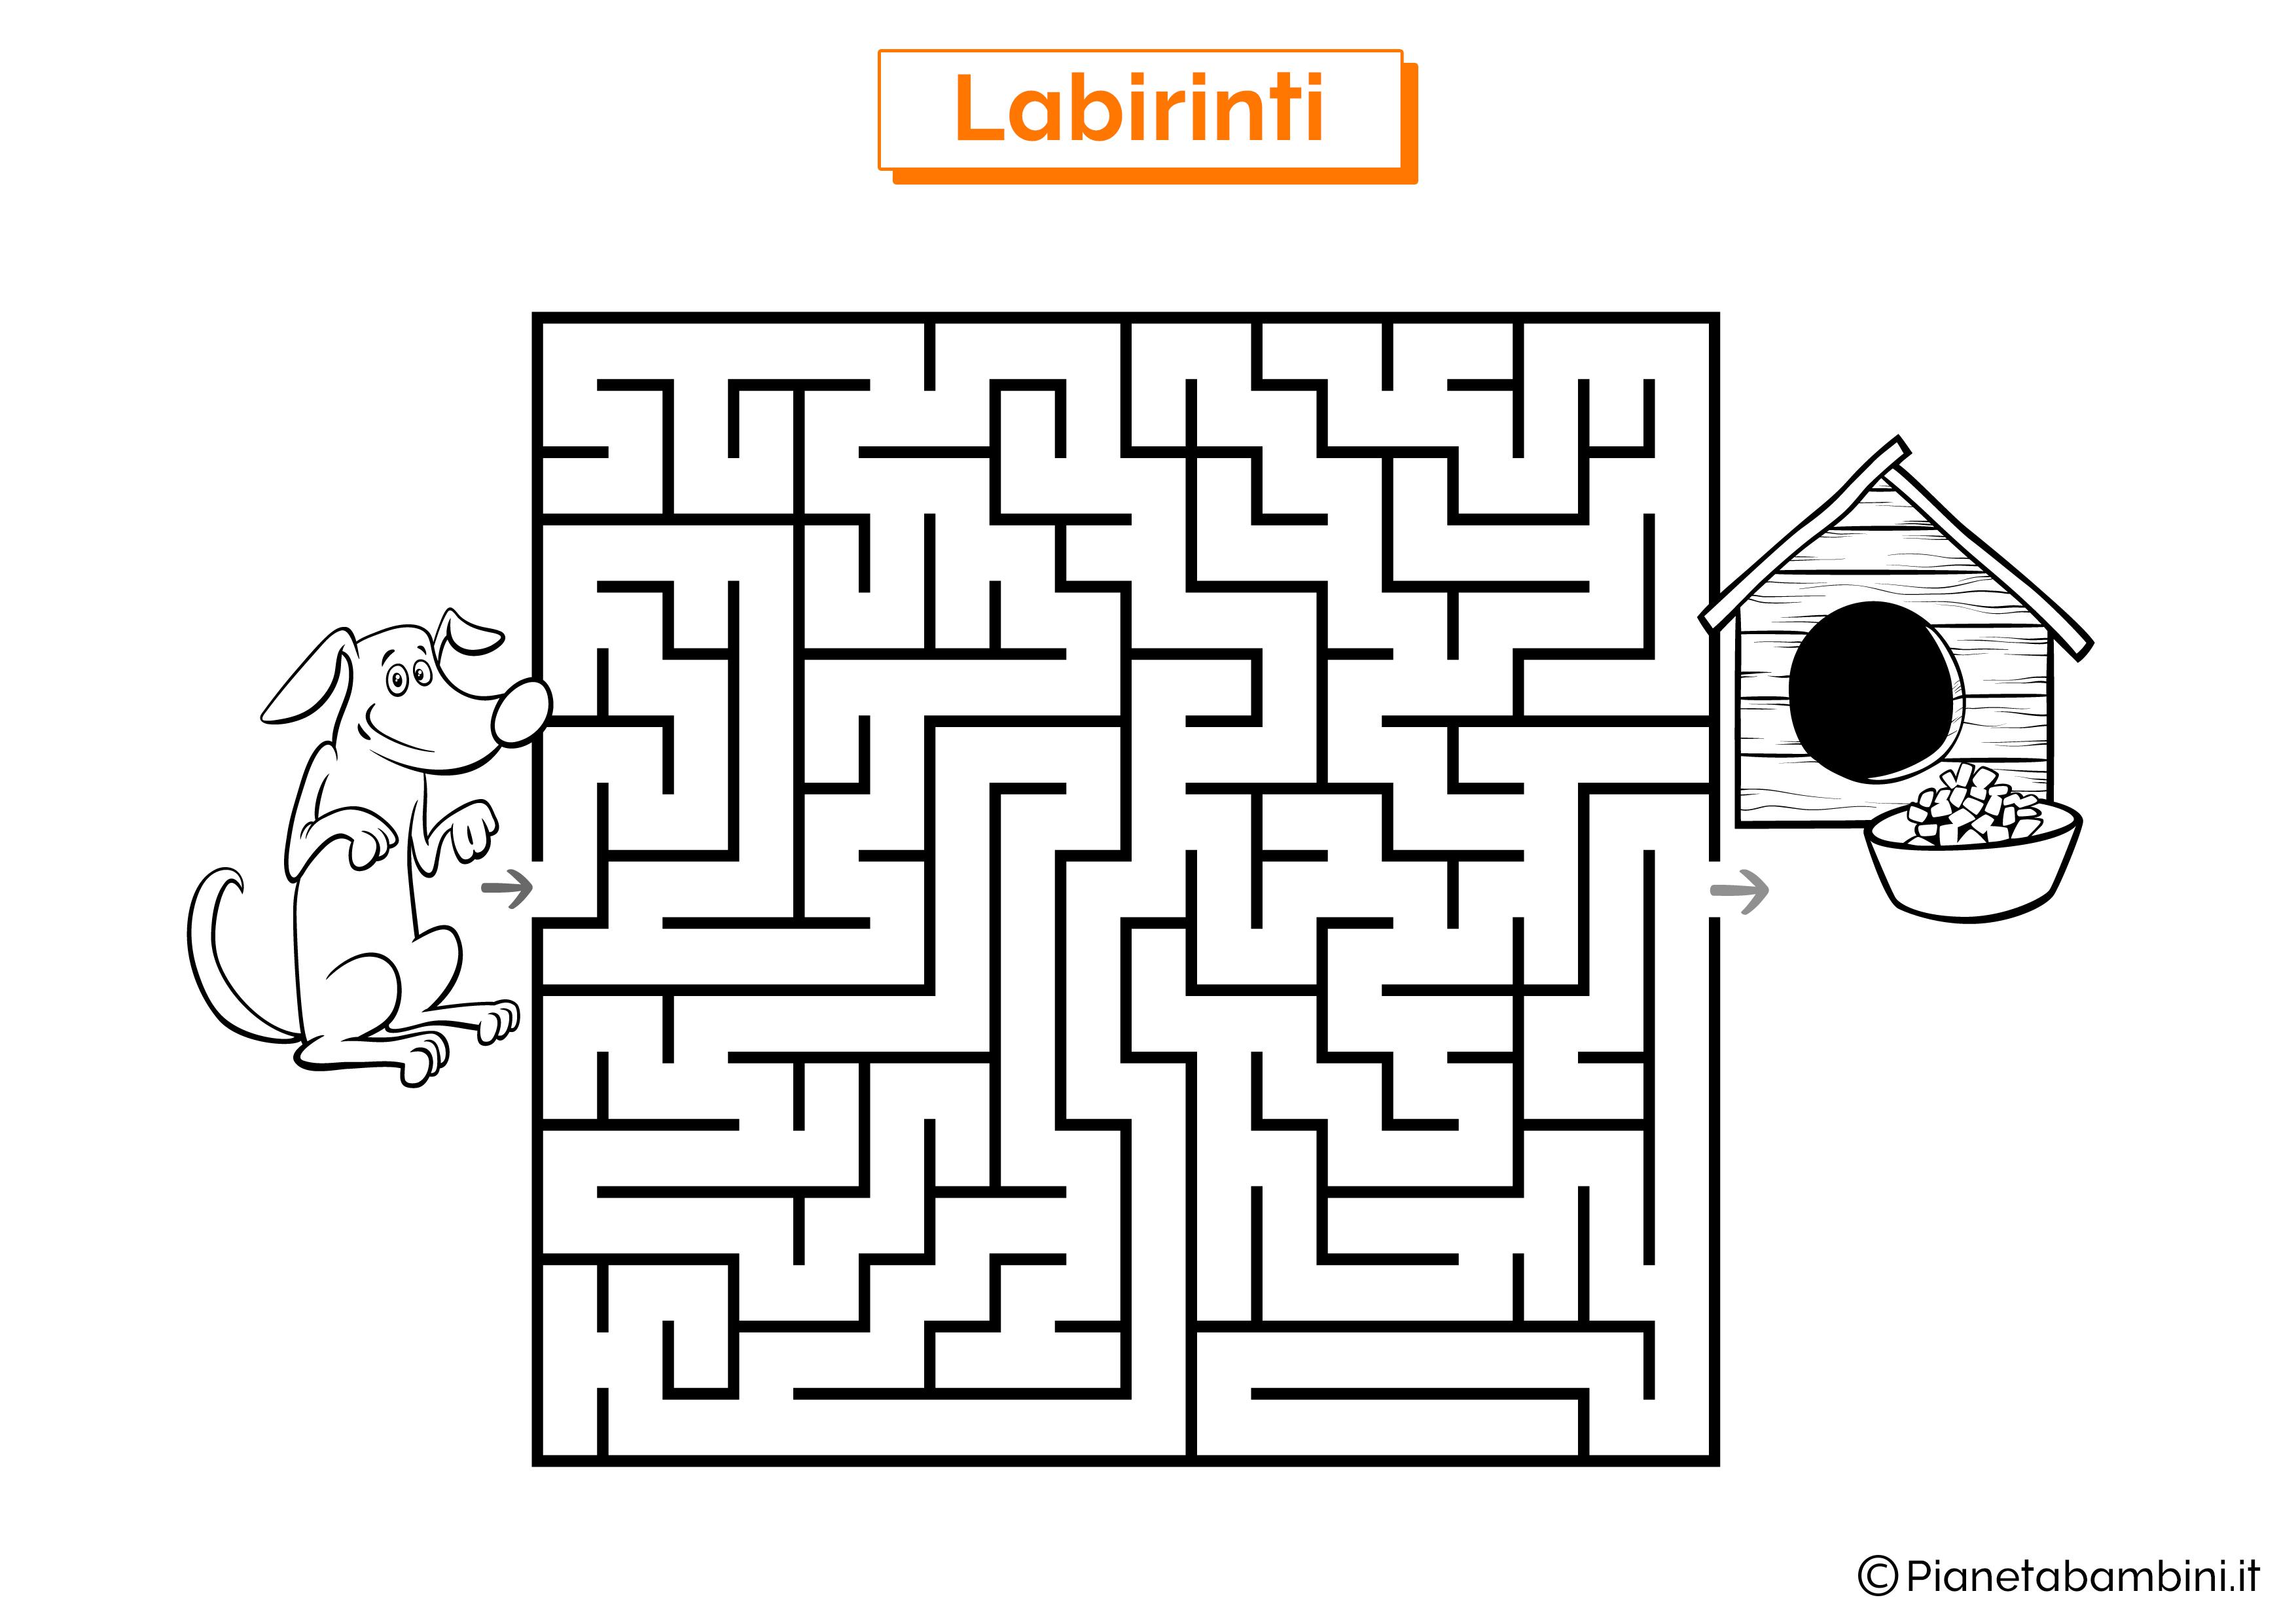 Labirinto con cane e cuccia da stampare